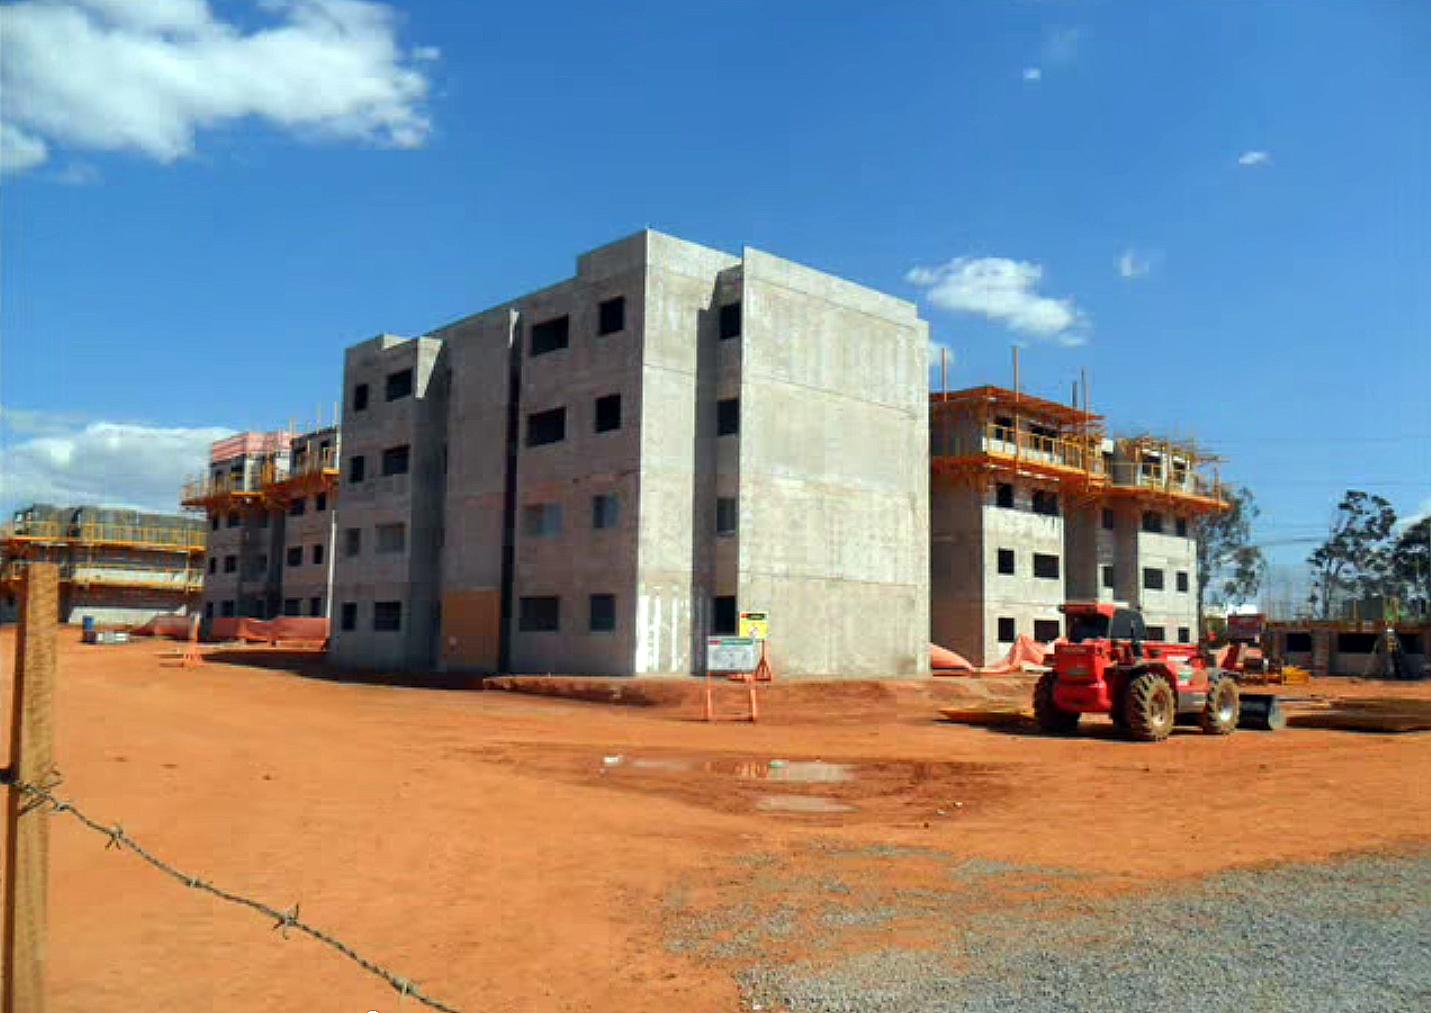 Condomínio Parque do Riacho, no DF: 5.904 unidades erguidas com paredes de concreto, no prazo de 24 meses